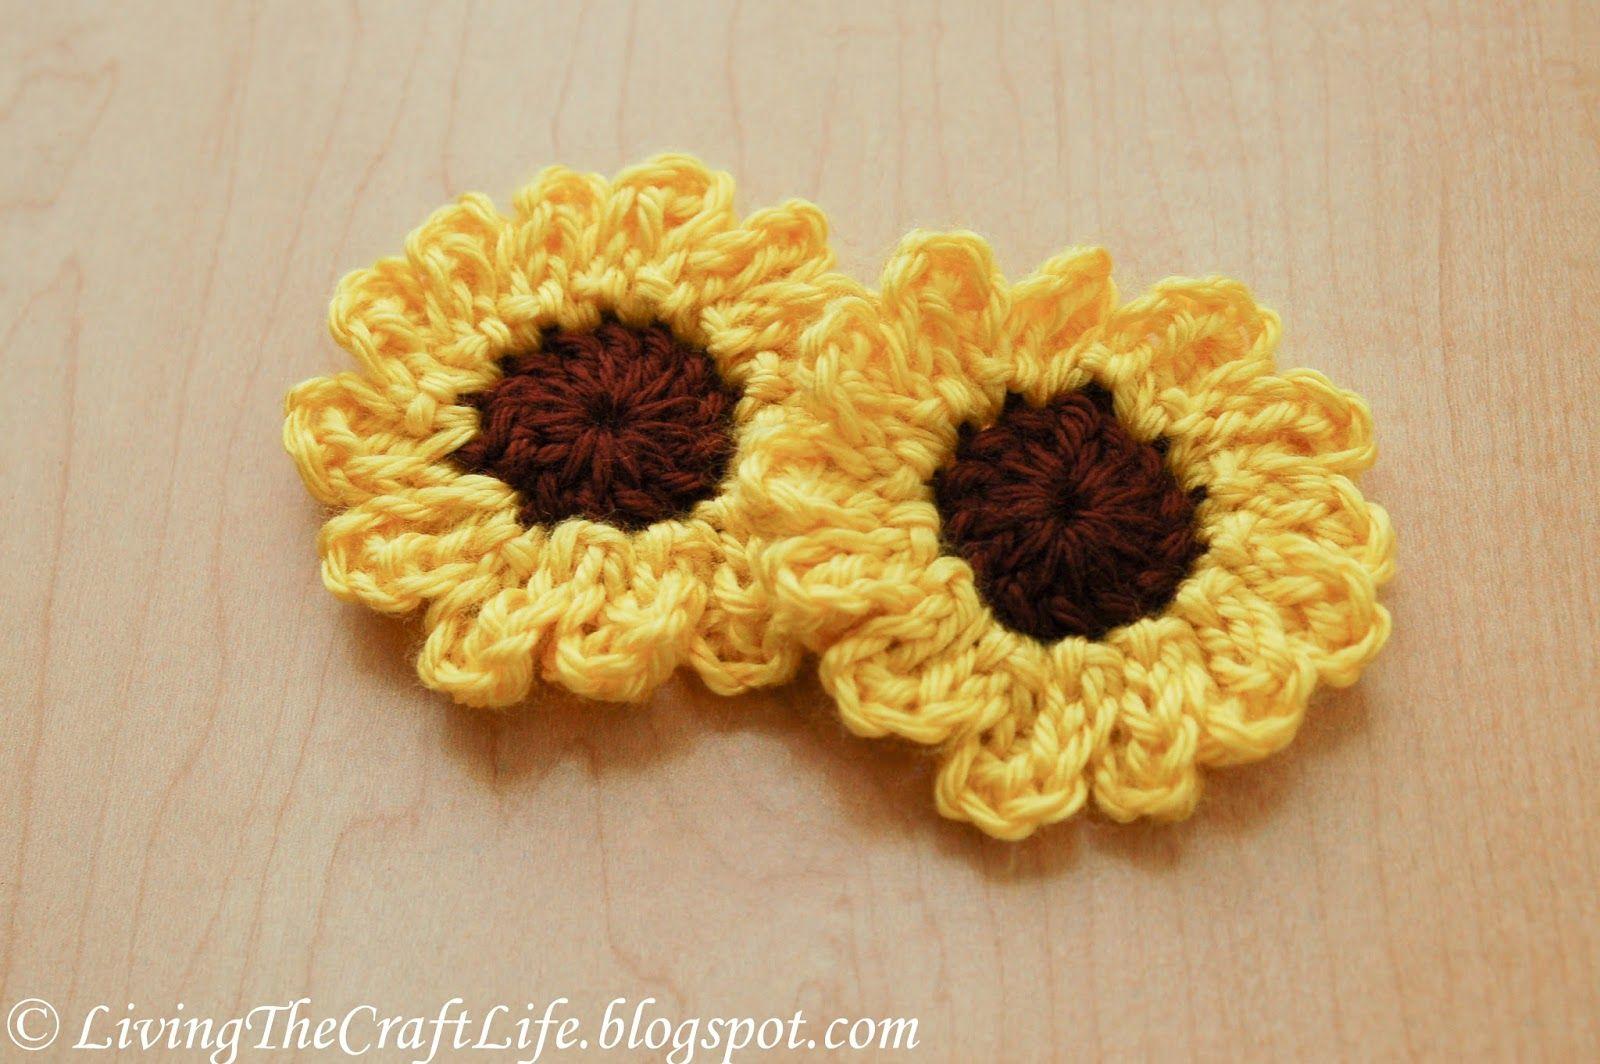 die besten 25 die sonnenblume ideen auf pinterest sonnenblume bilder sonnenblumenzeichnung. Black Bedroom Furniture Sets. Home Design Ideas